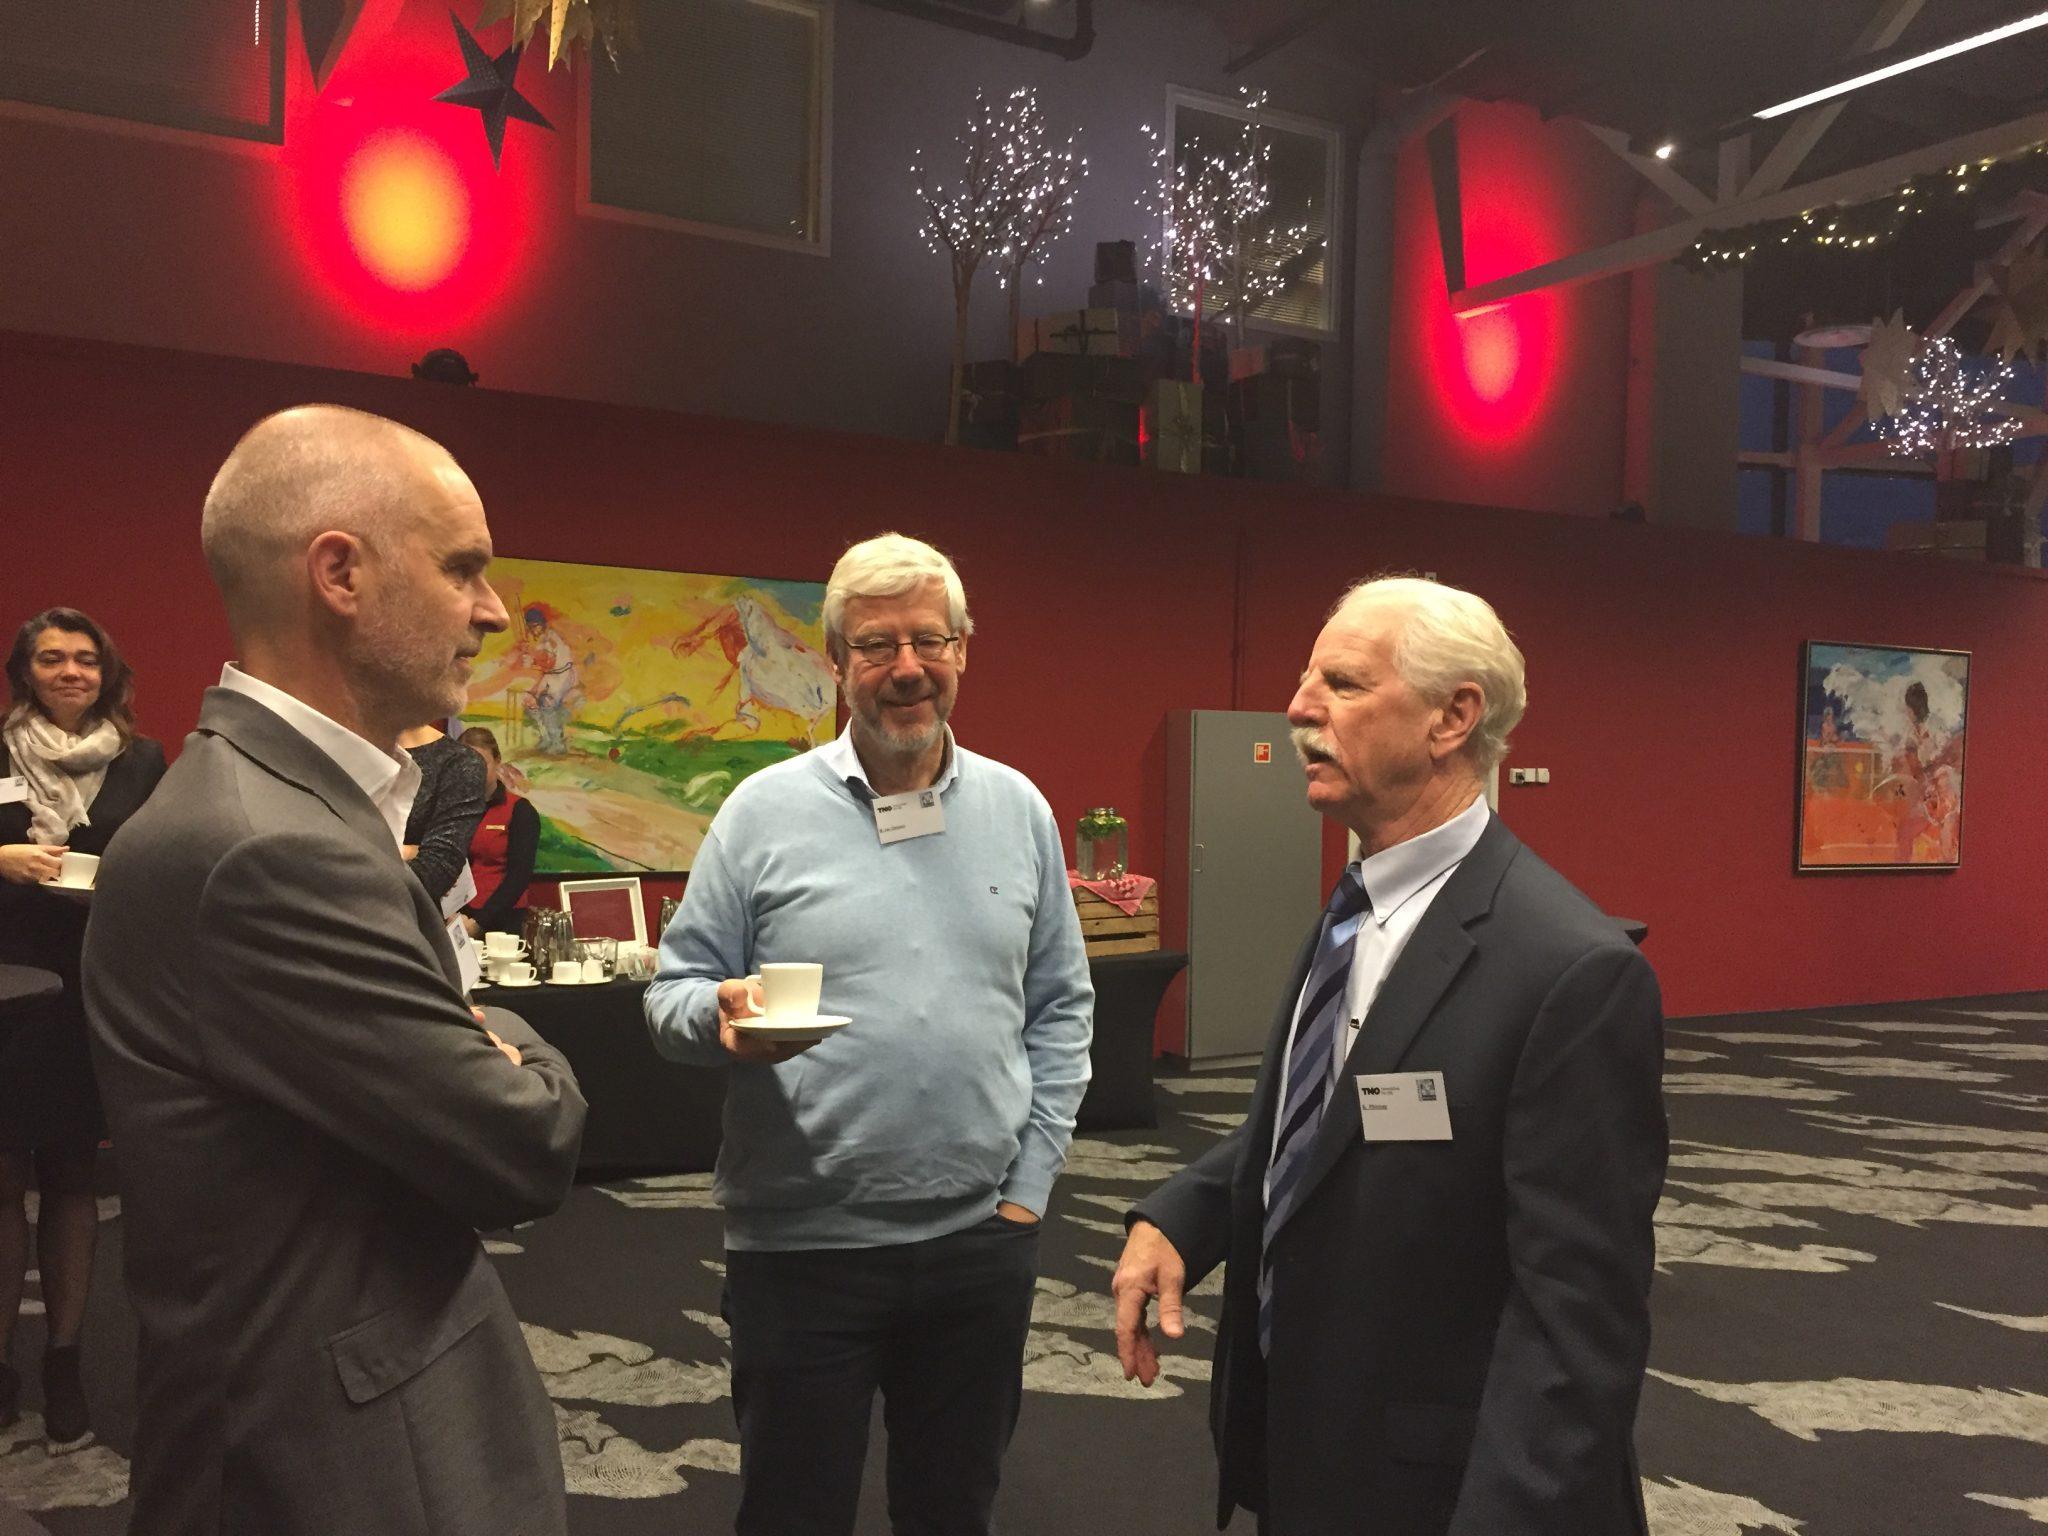 Hanno Pijl Ben van Ommen en Steve Phinney praten over genezen van diabetes type 2